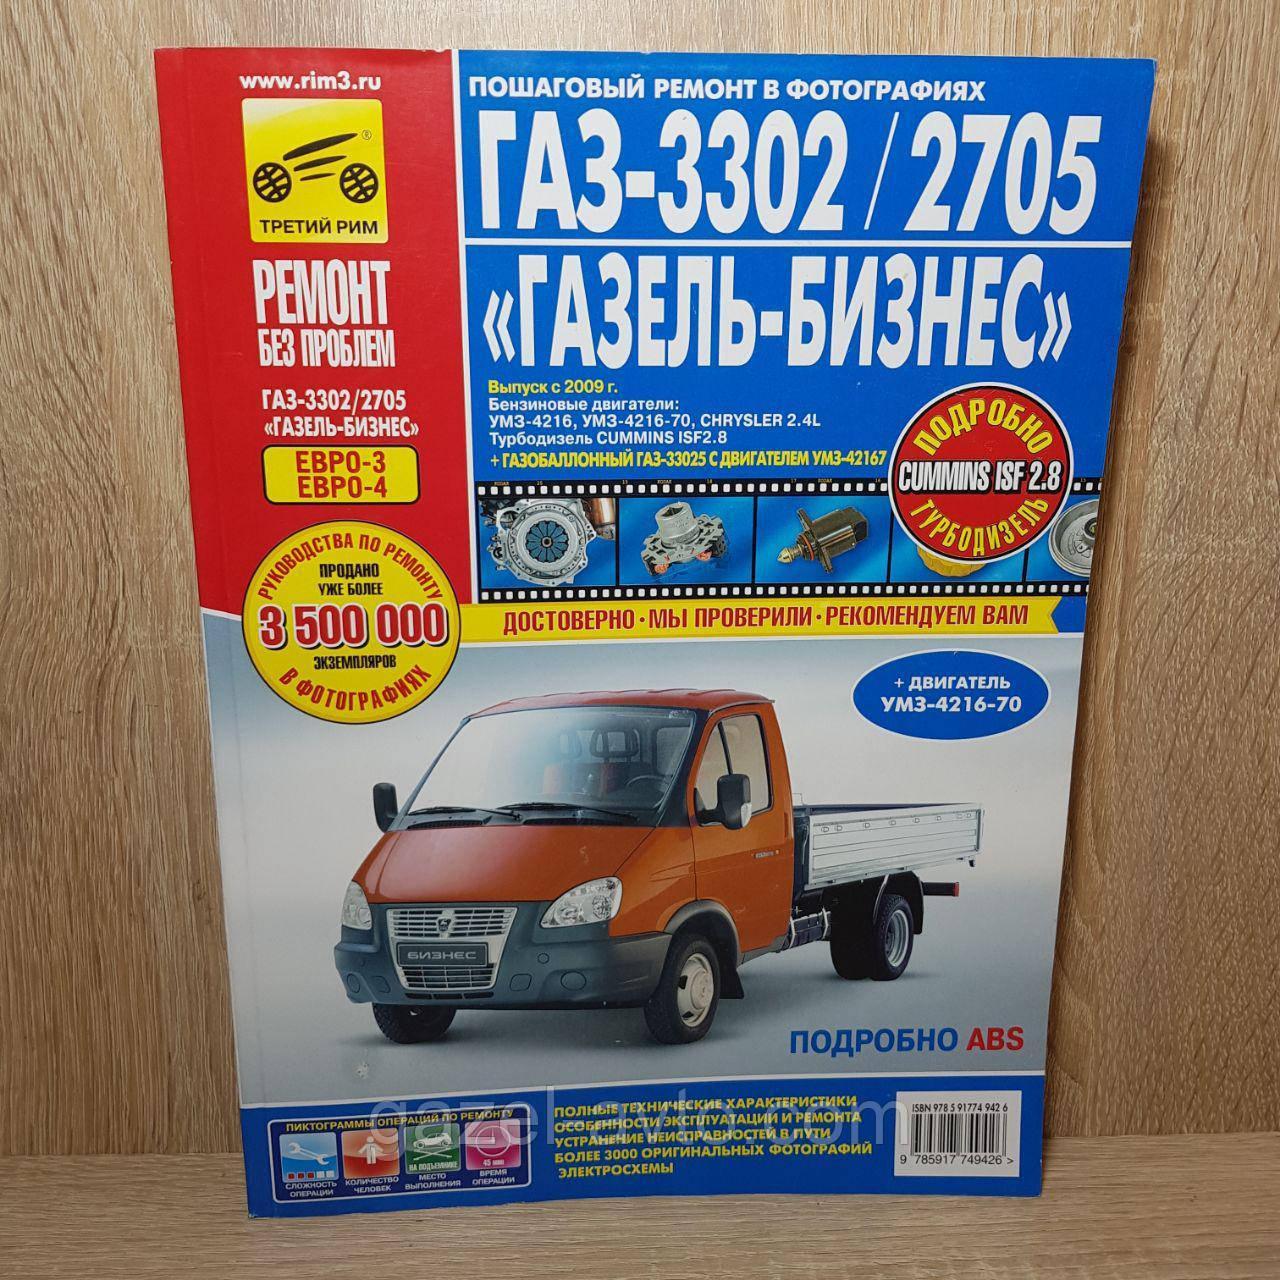 Книга, учебник, каталог Руководство по ремонту Газель Бизнес УМЗ 4216, 4216-70, Chrysler 2.4L, Cummins ISF 2.8